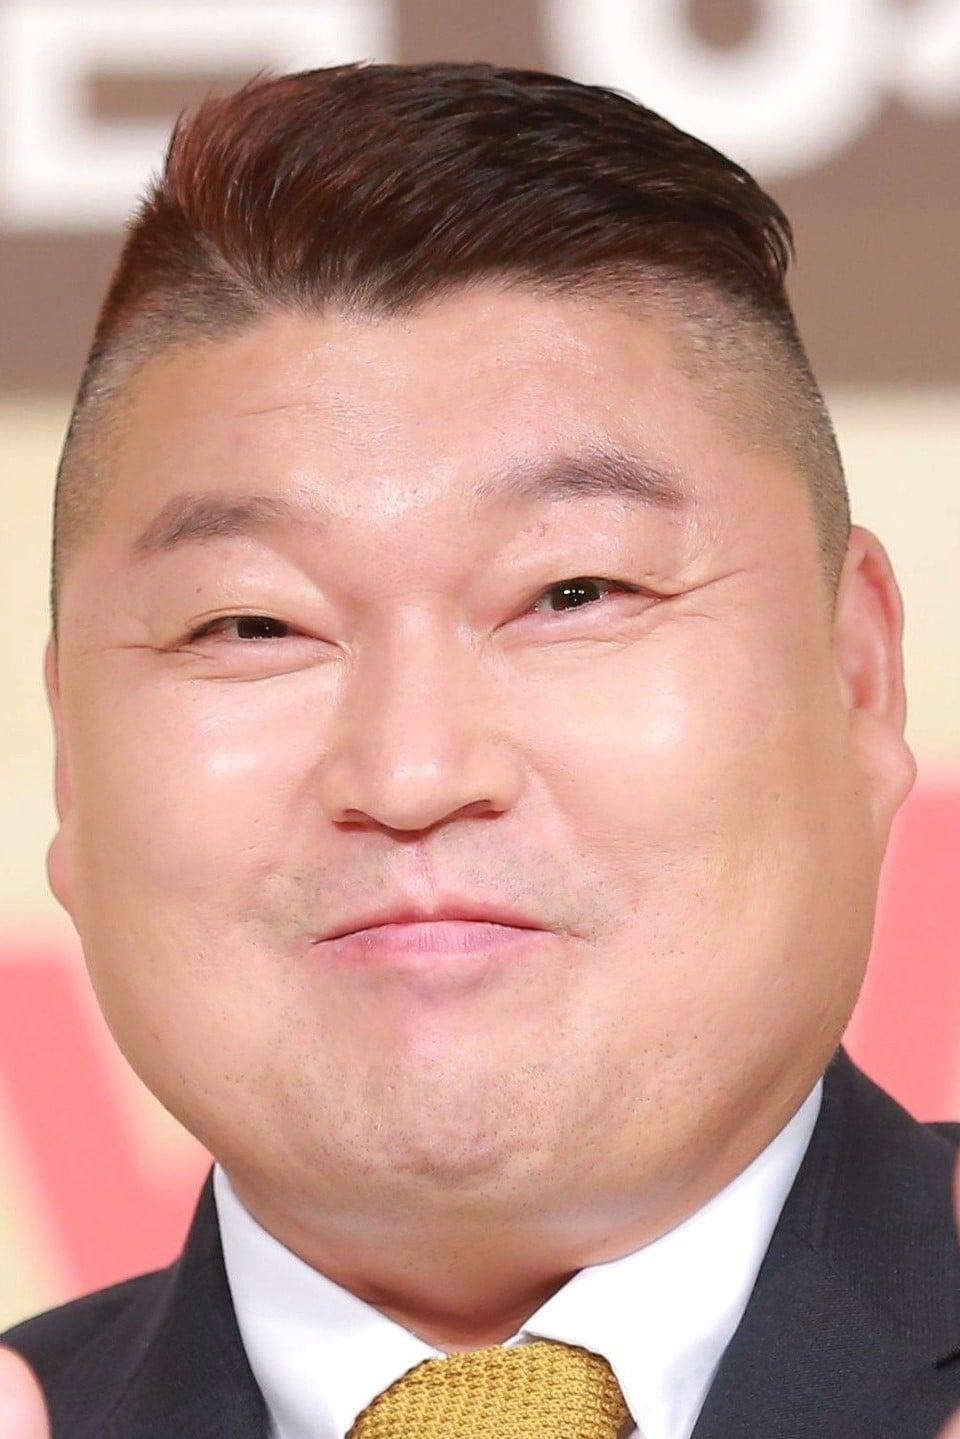 Kang Ho-dong